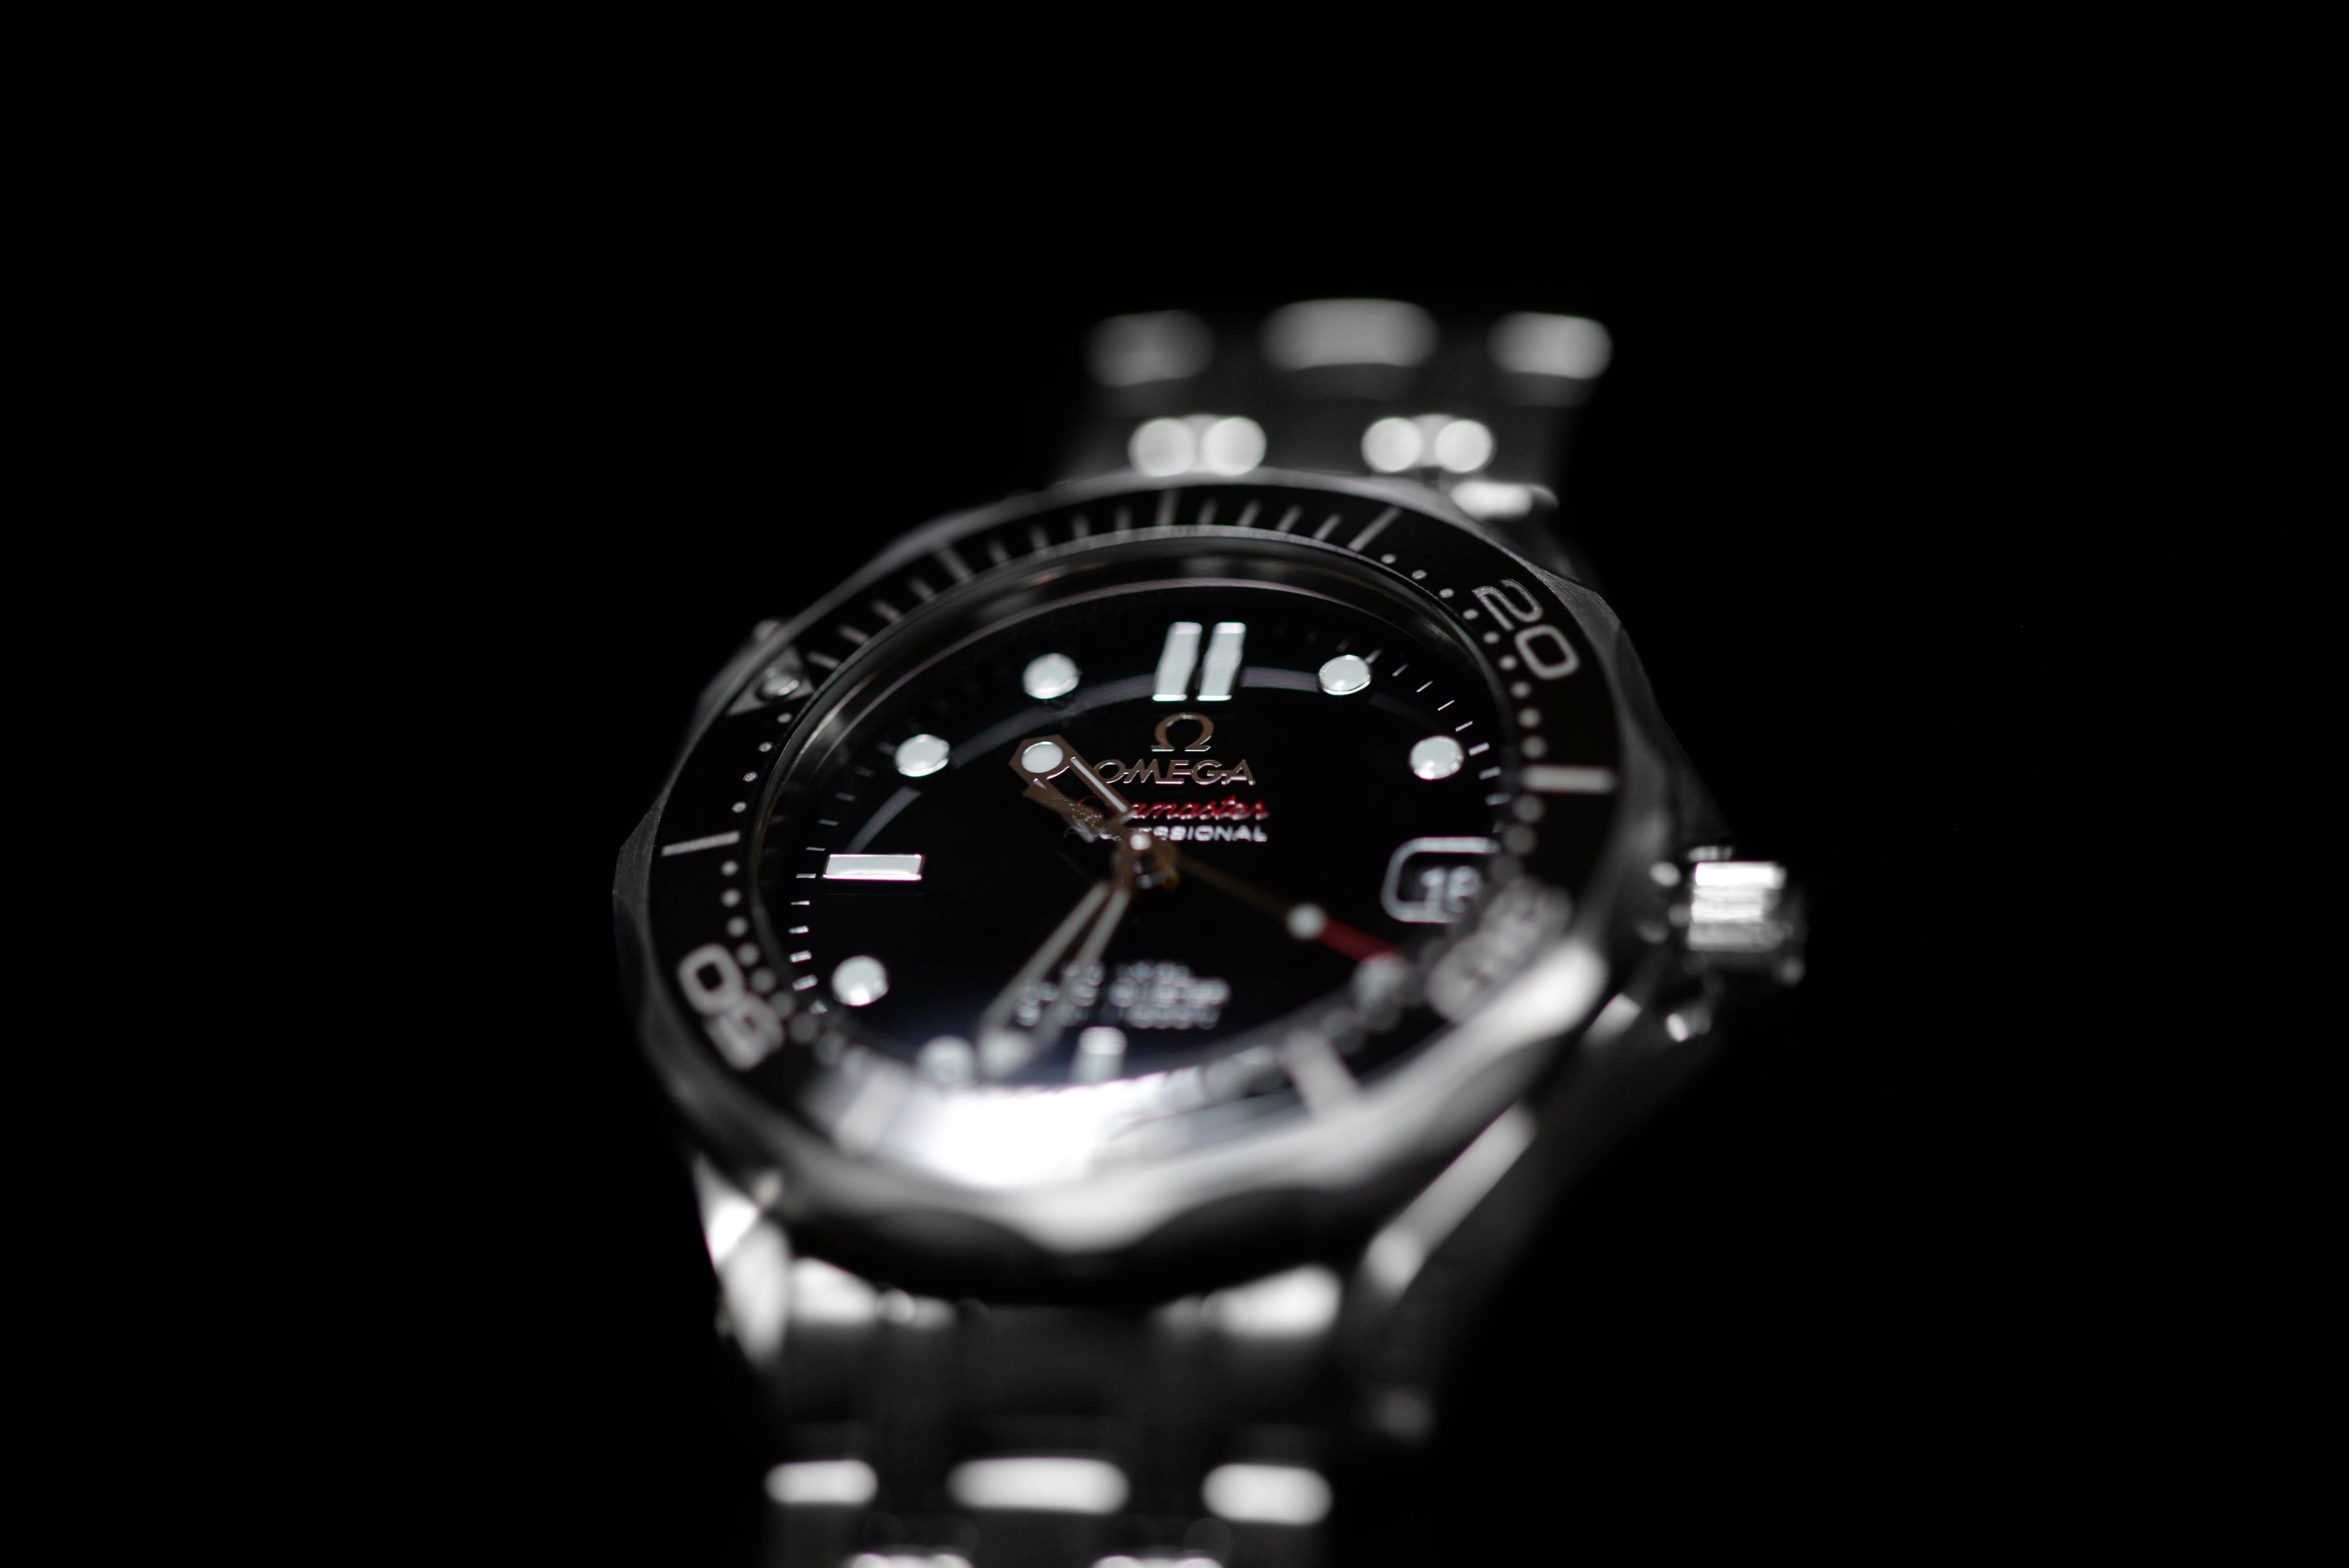 2014年に初めて自分で購入した腕時計